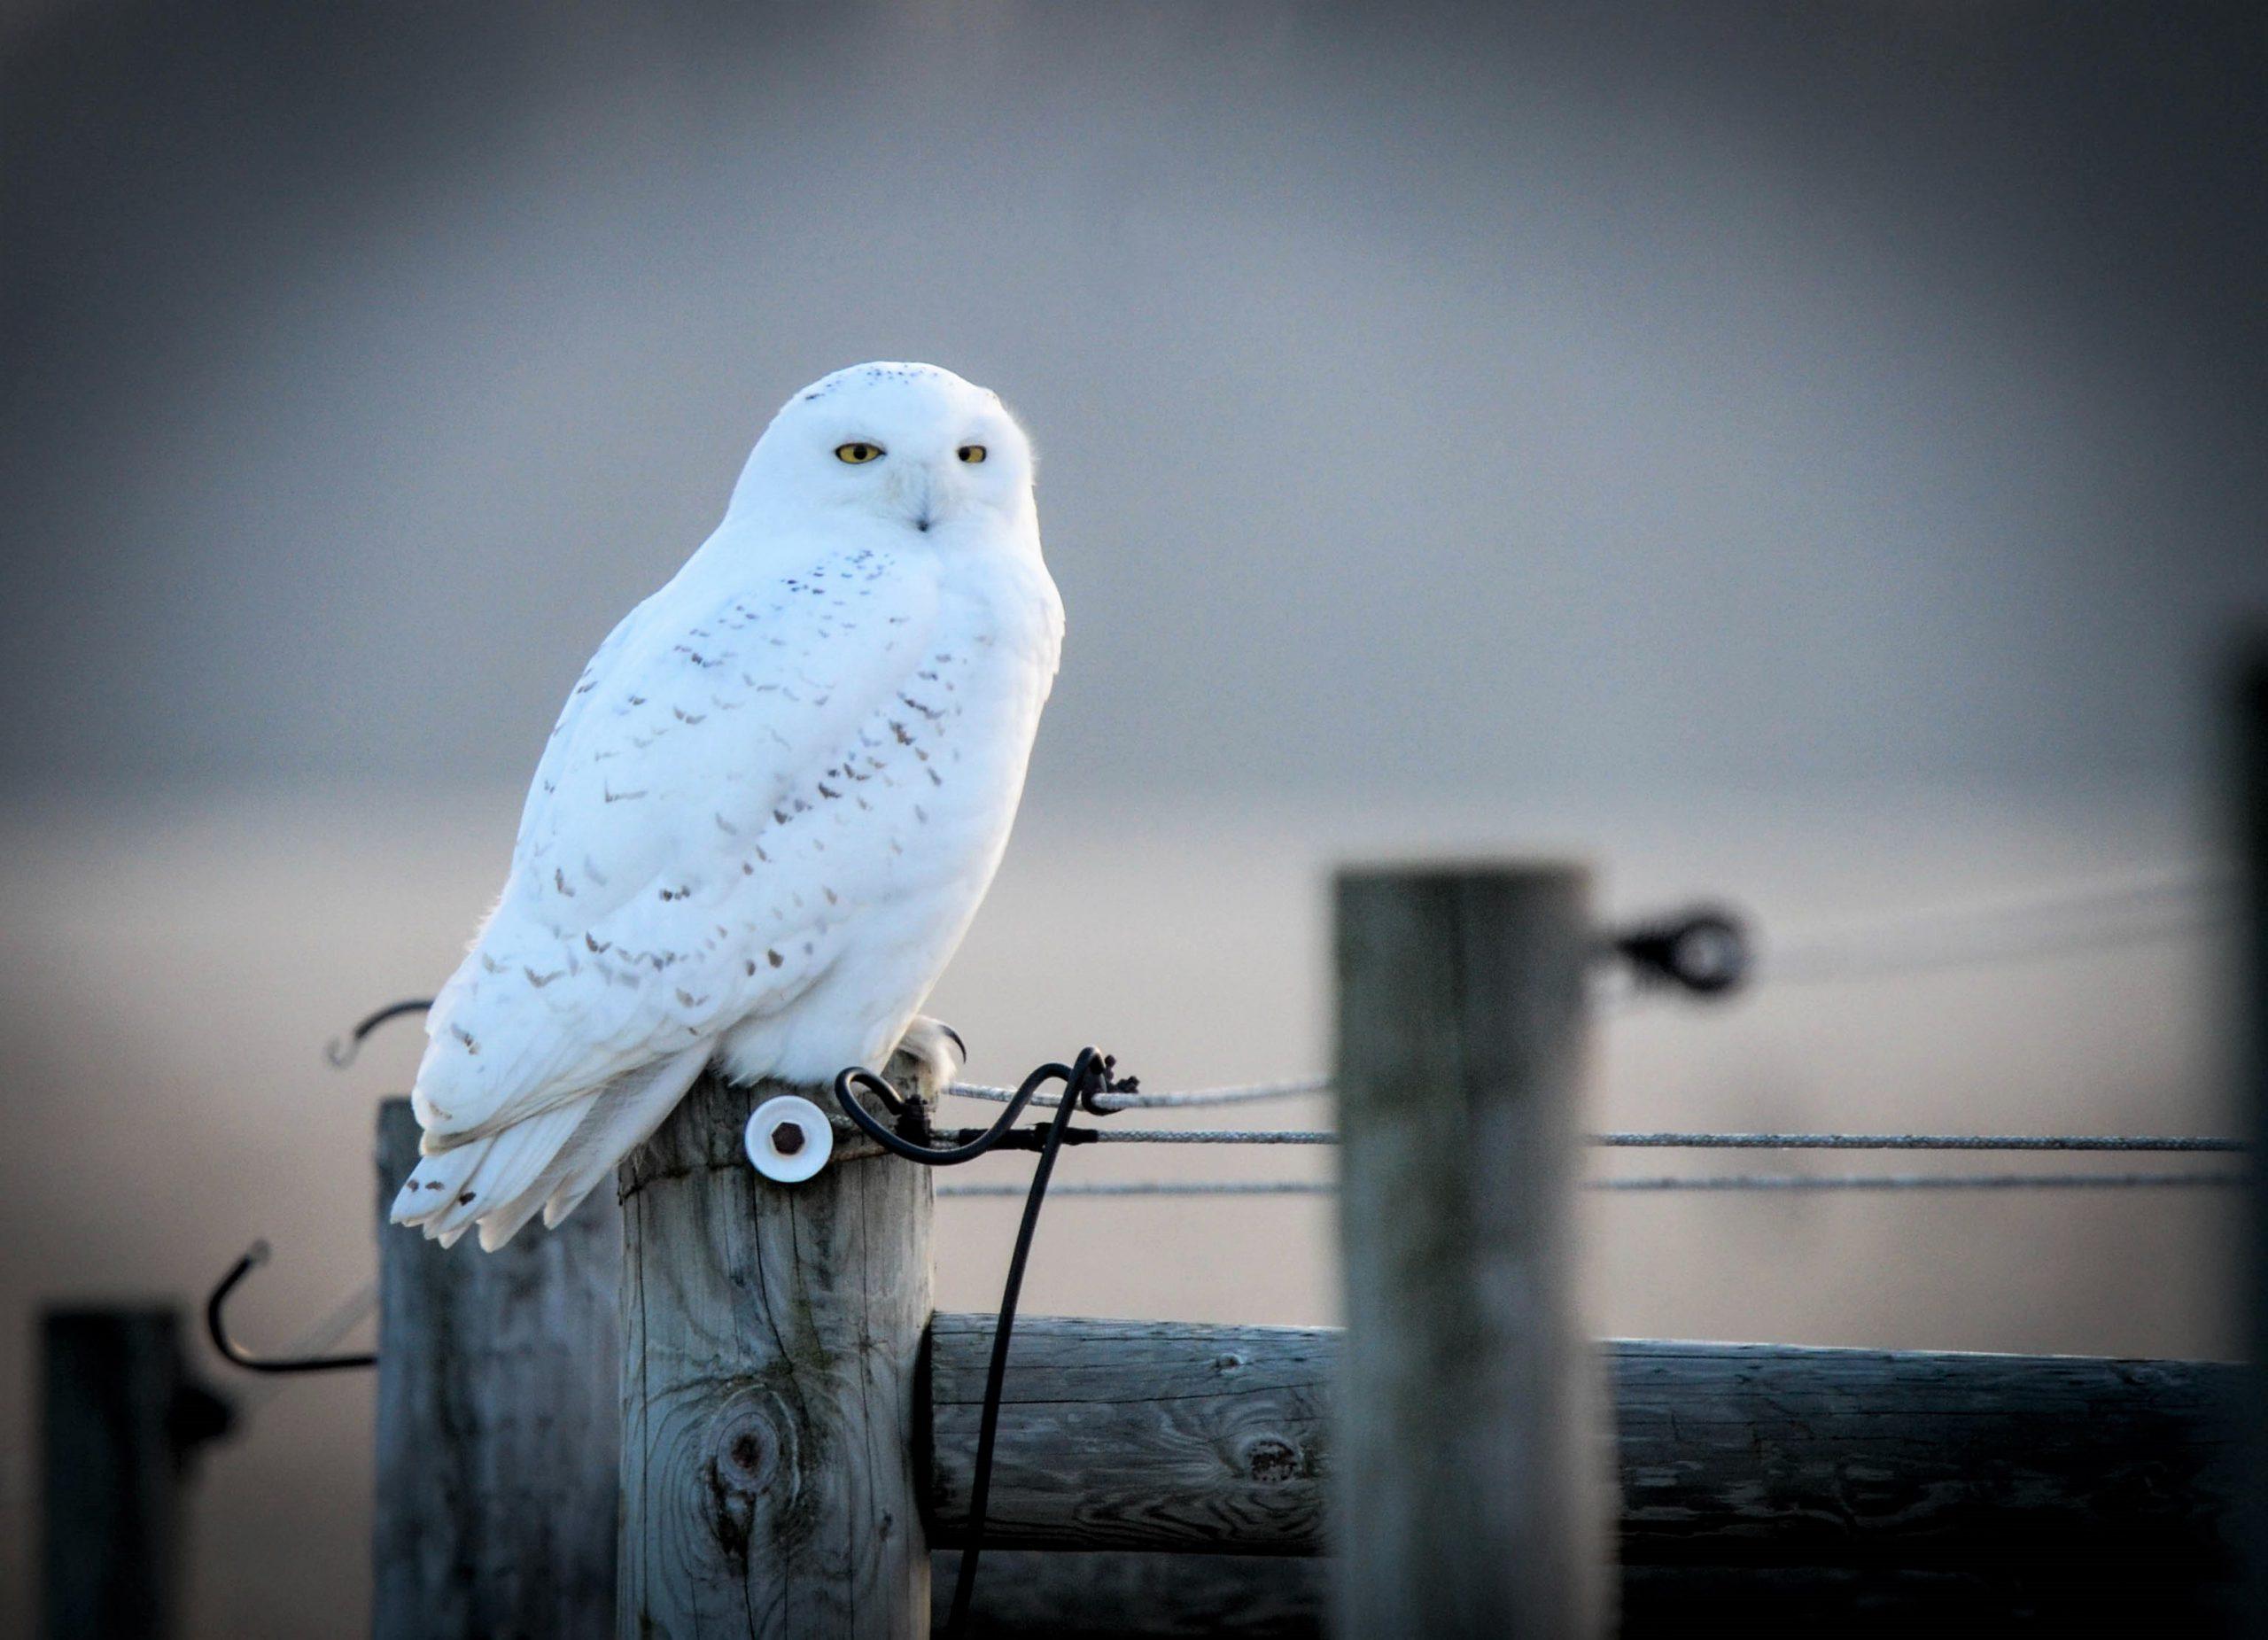 A snowy owl on a post.